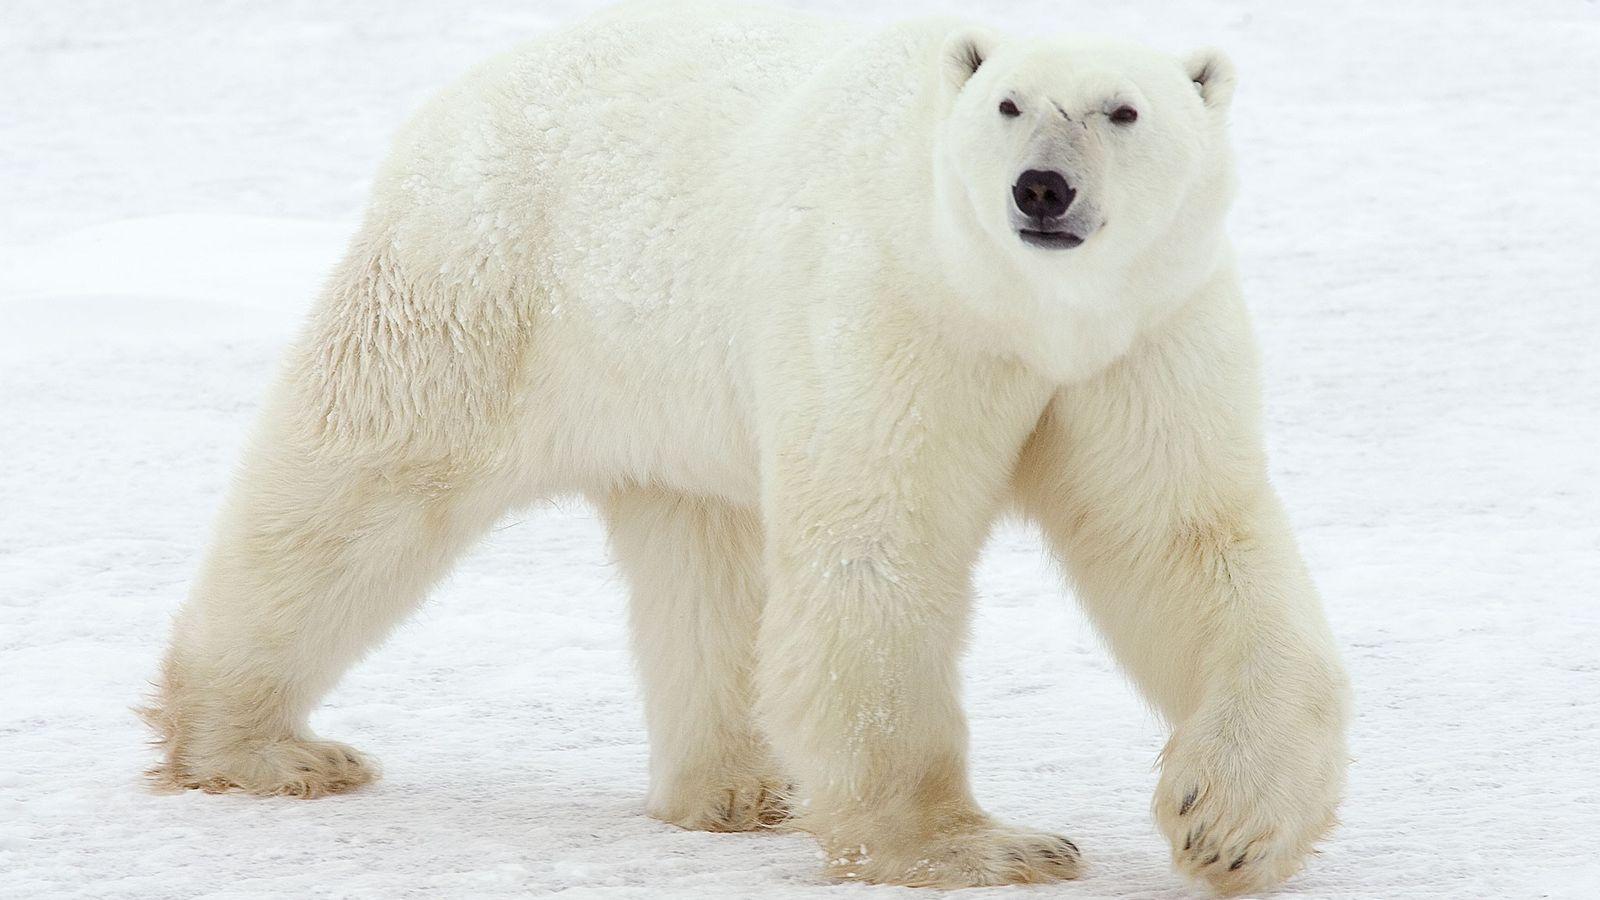 Les ours polaires sont normalement observés le long des côtes arctiques ou sur la banquise, comme ...